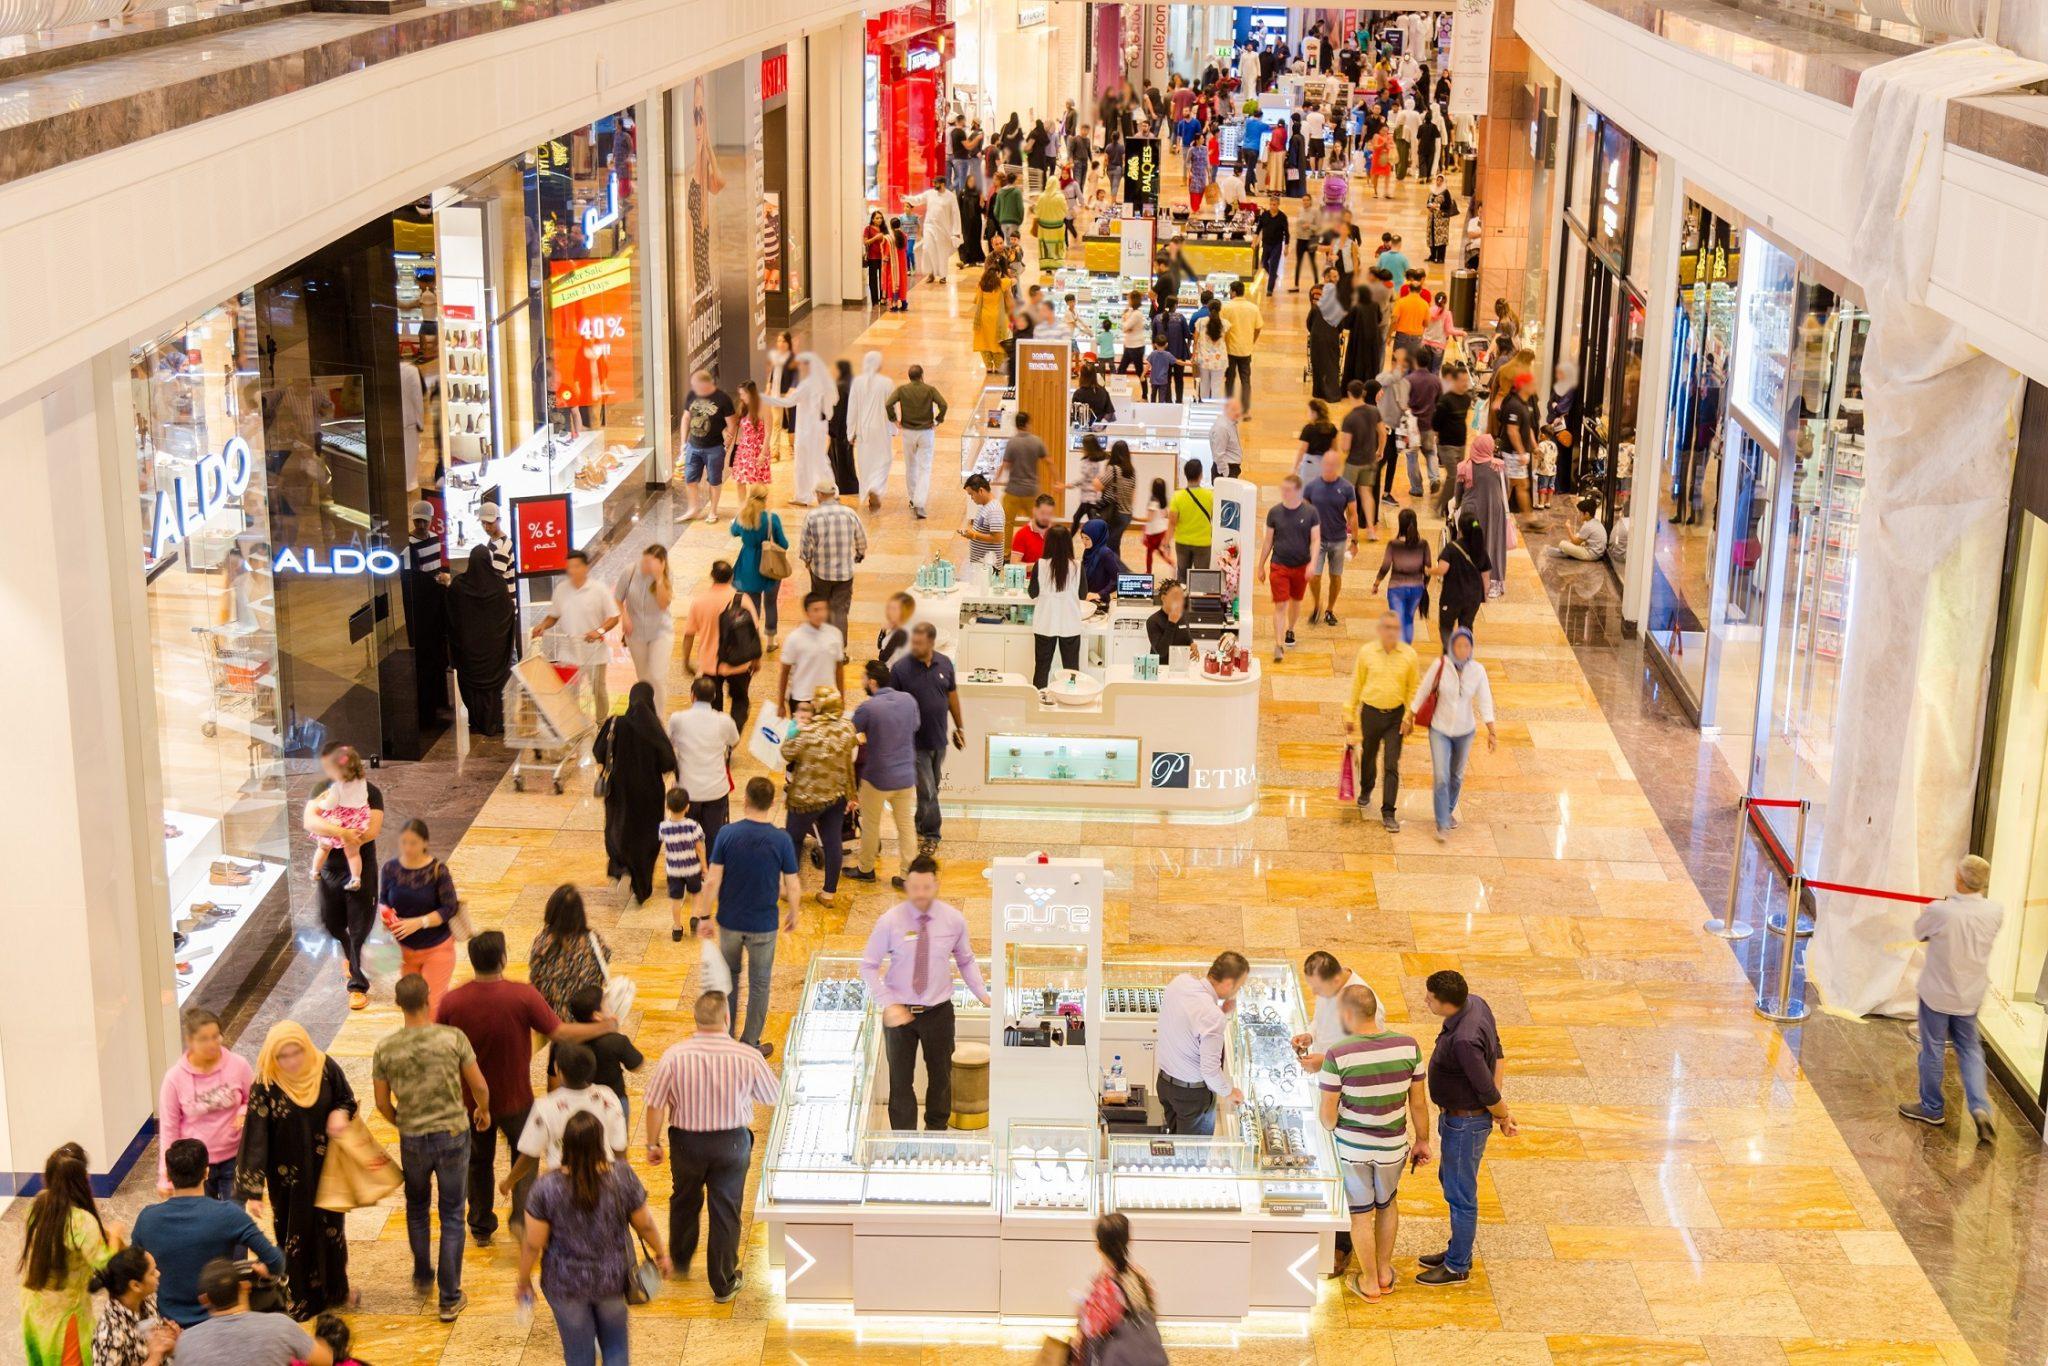 تخفيضات الجمعة البيضاء في دبي فستيفال سيتي مول